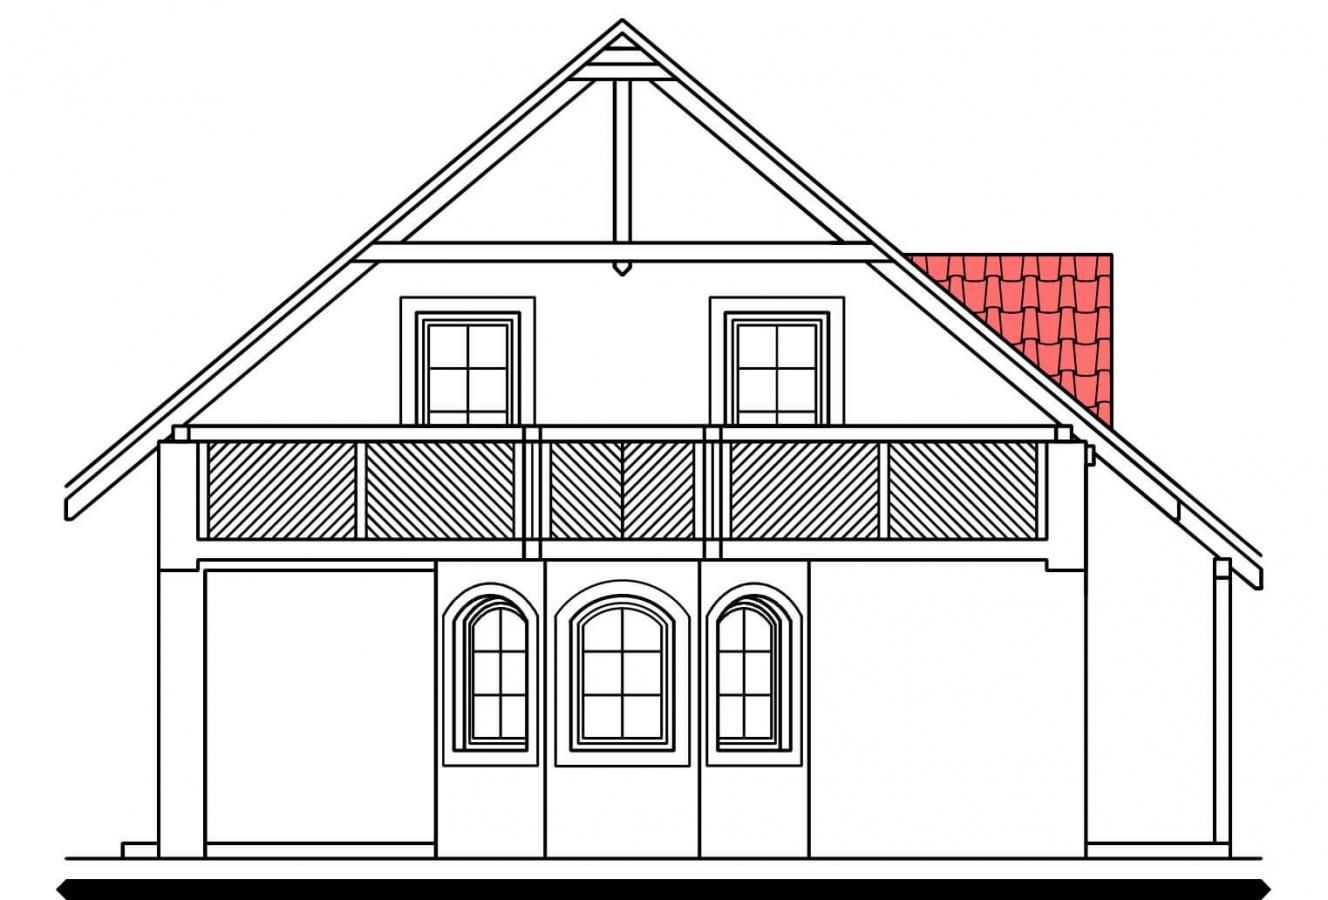 Pohľad 4. - Projekt podkrovného domu s krytou terasou